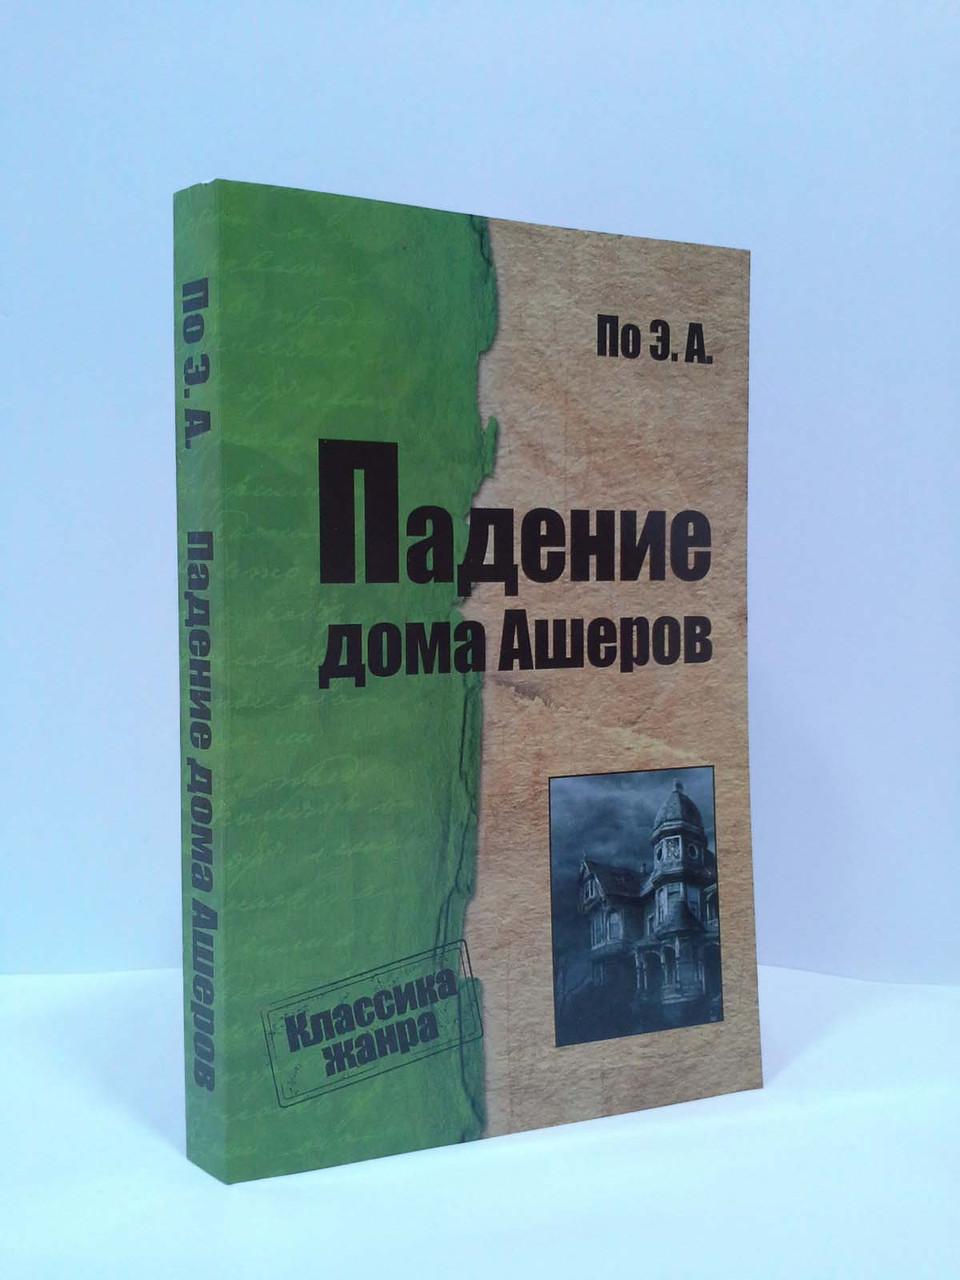 Книга Паденин будинку Ашеров. Автор Е. А. Вид. Велмайт